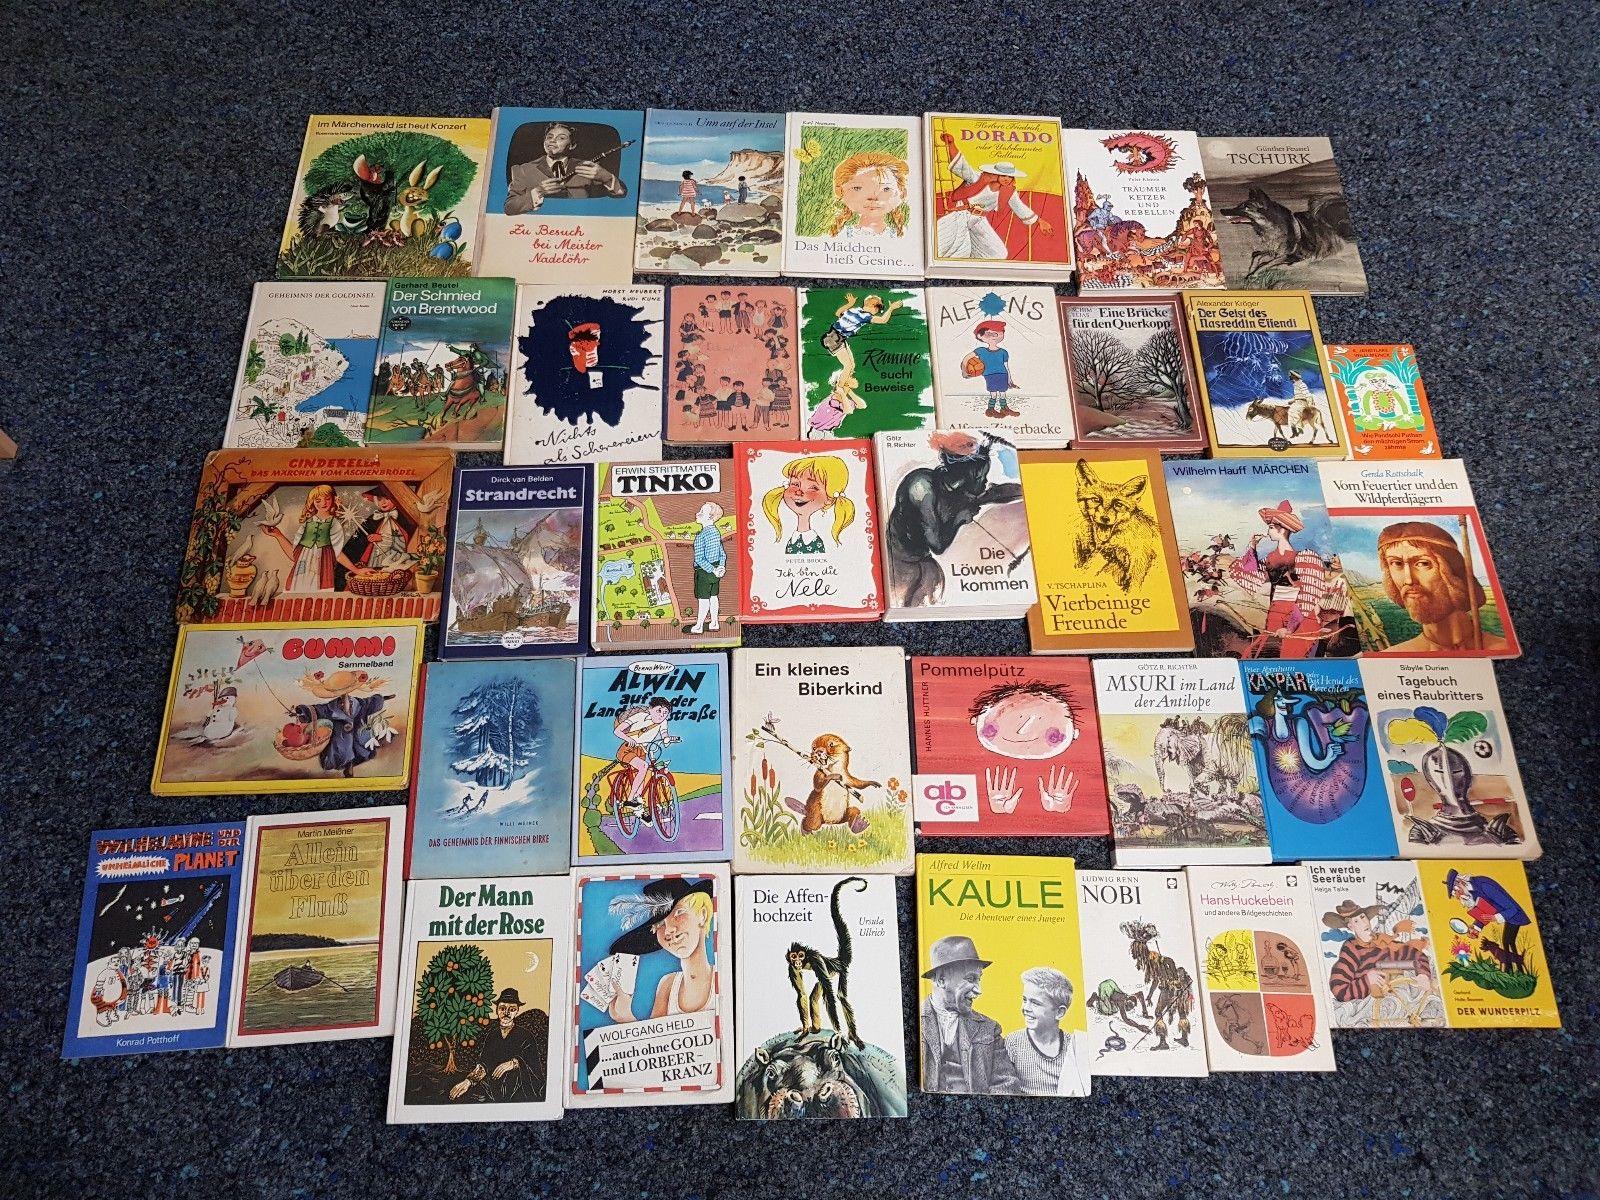 42 Stück alte Kinderbücher / Jugendbücher aus DDR-Zeiten